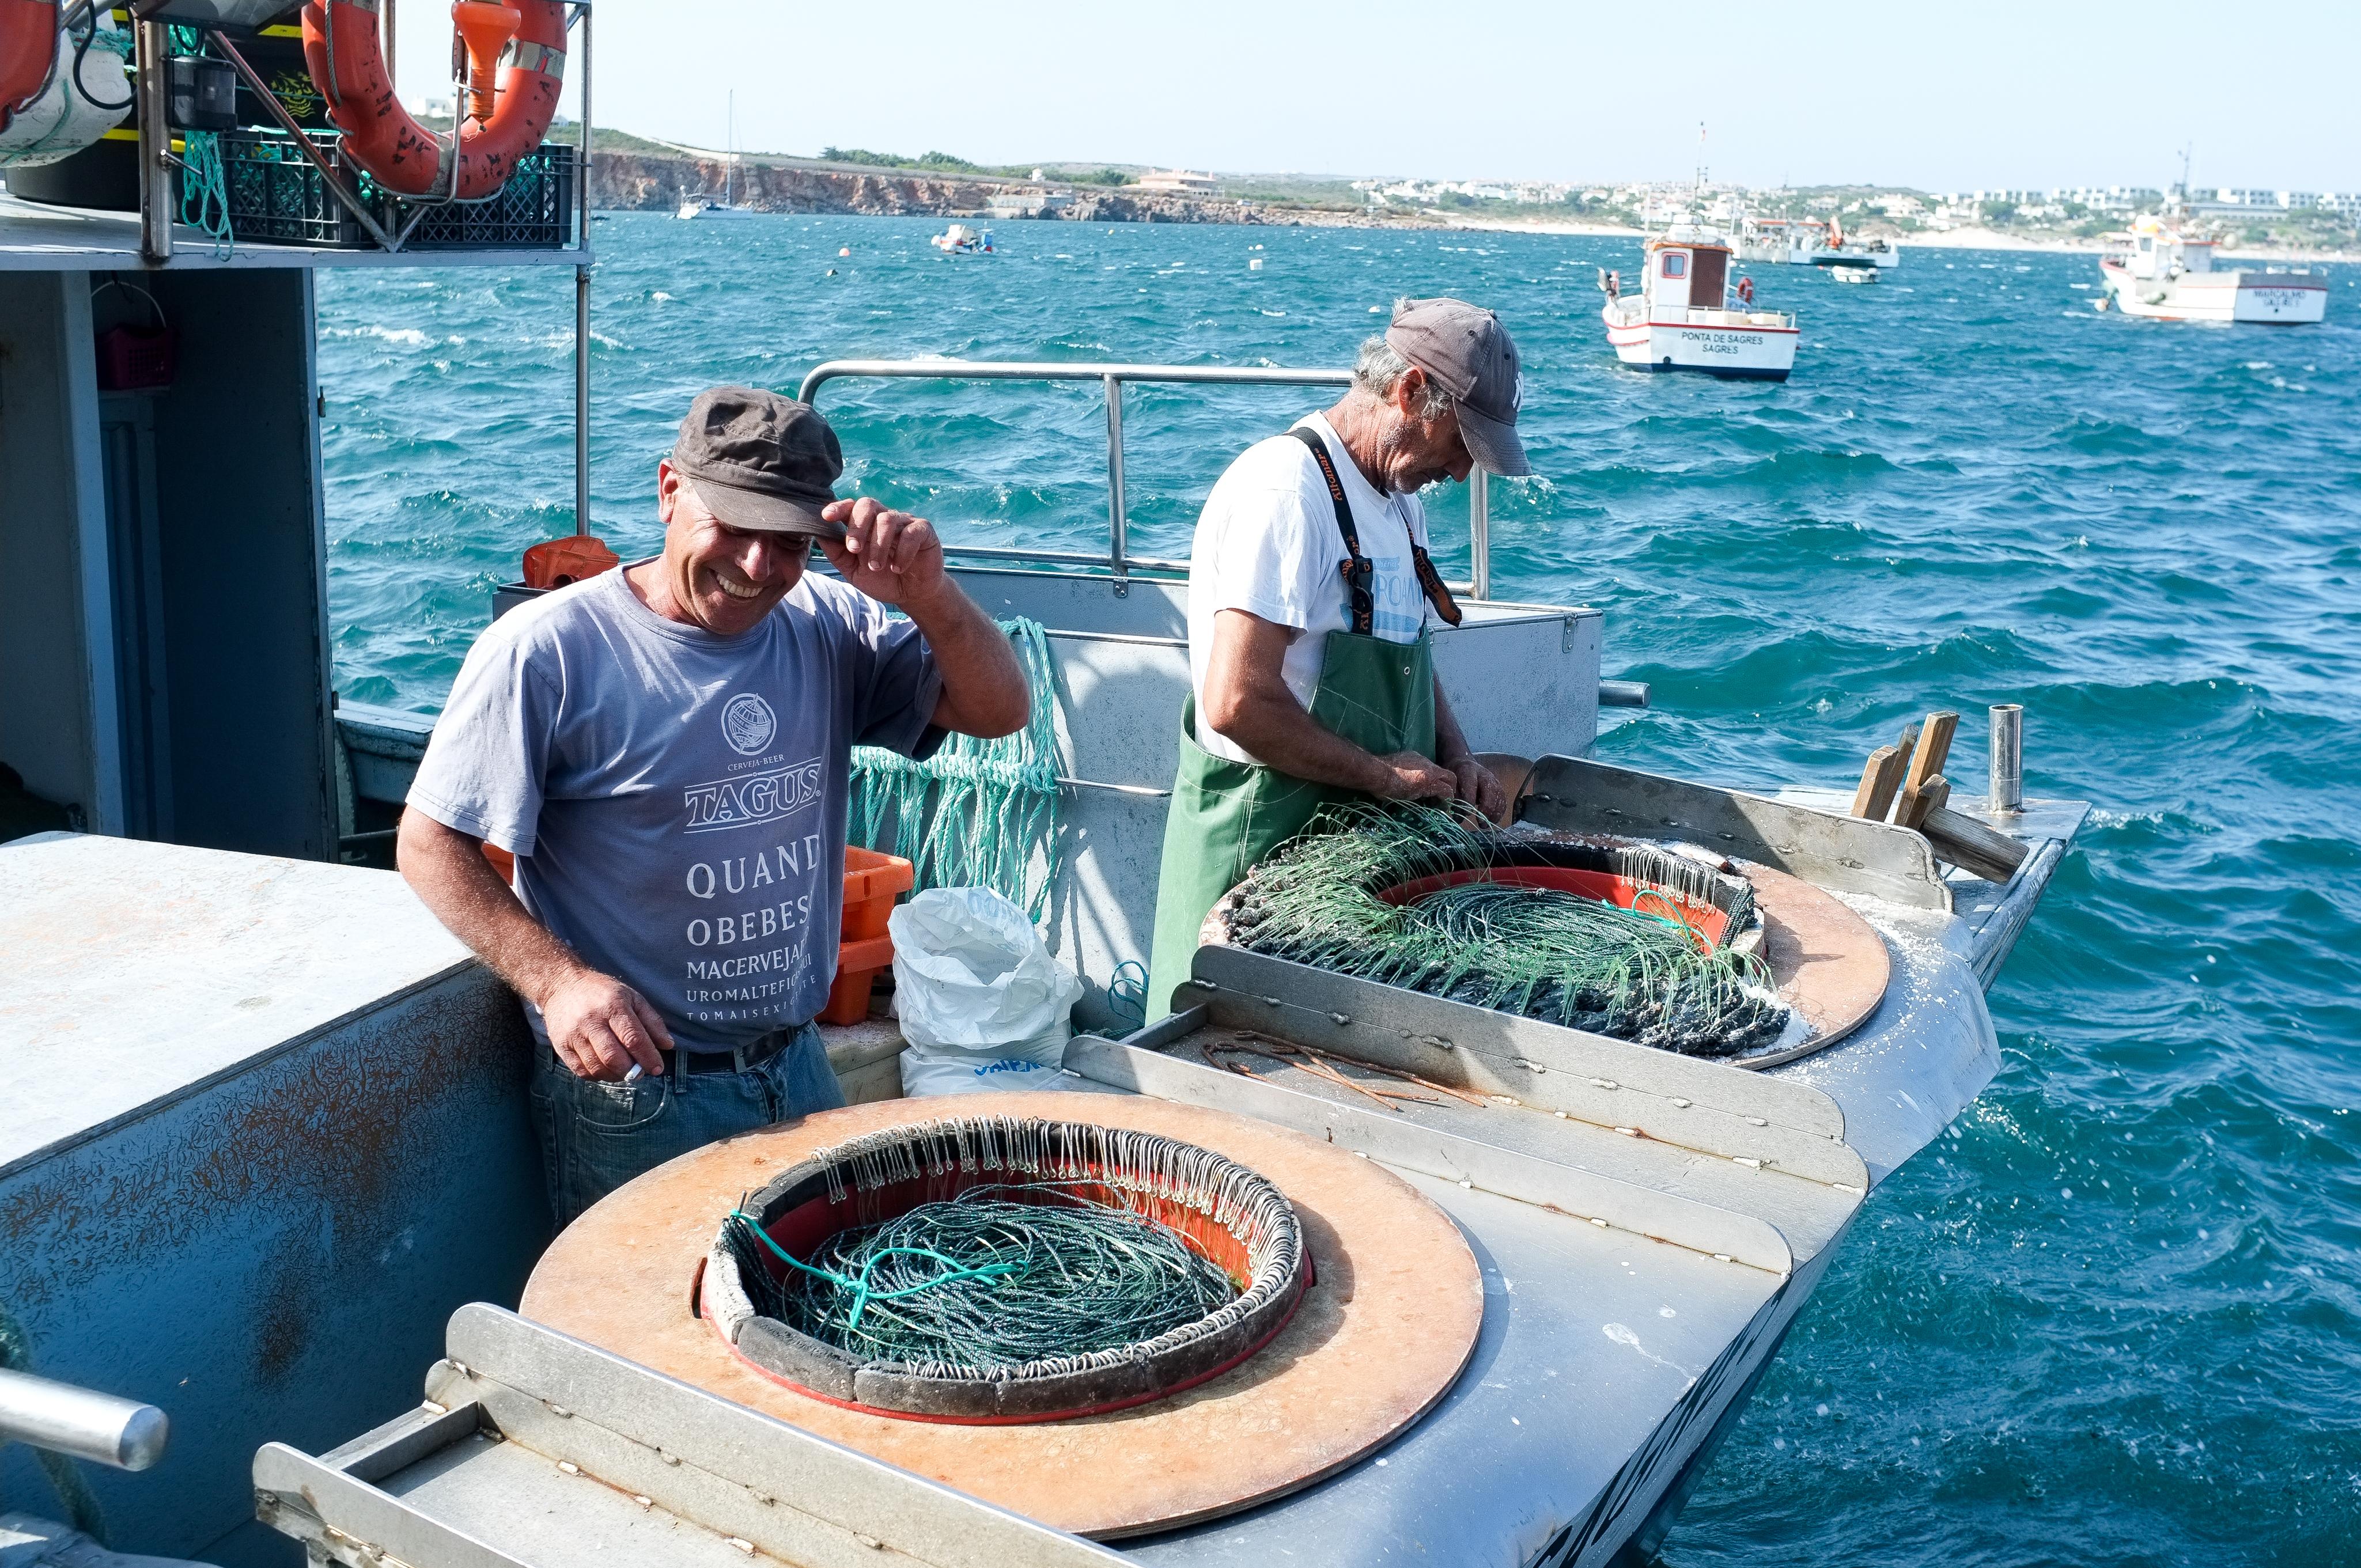 Aujourd'hui, ils ne sont plus que deux à pratiquer la pêche à la ligne en eau profonde sur le port de Sagres. C'est un métier qui disparaît lentement...